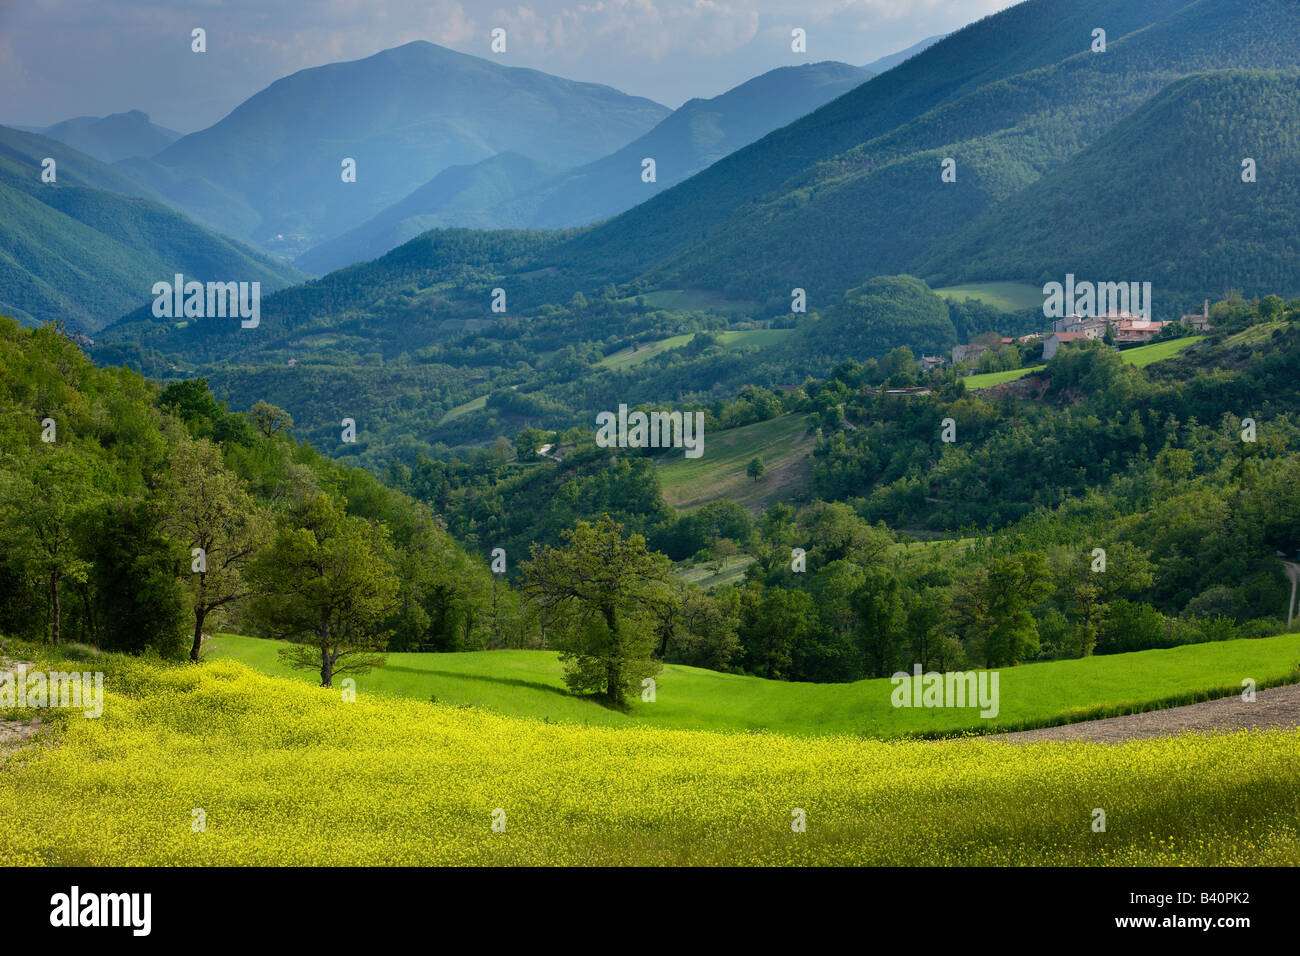 Frühling in der Valnerina in der Nähe von Meggiano, Umbrien, Italien Stockbild